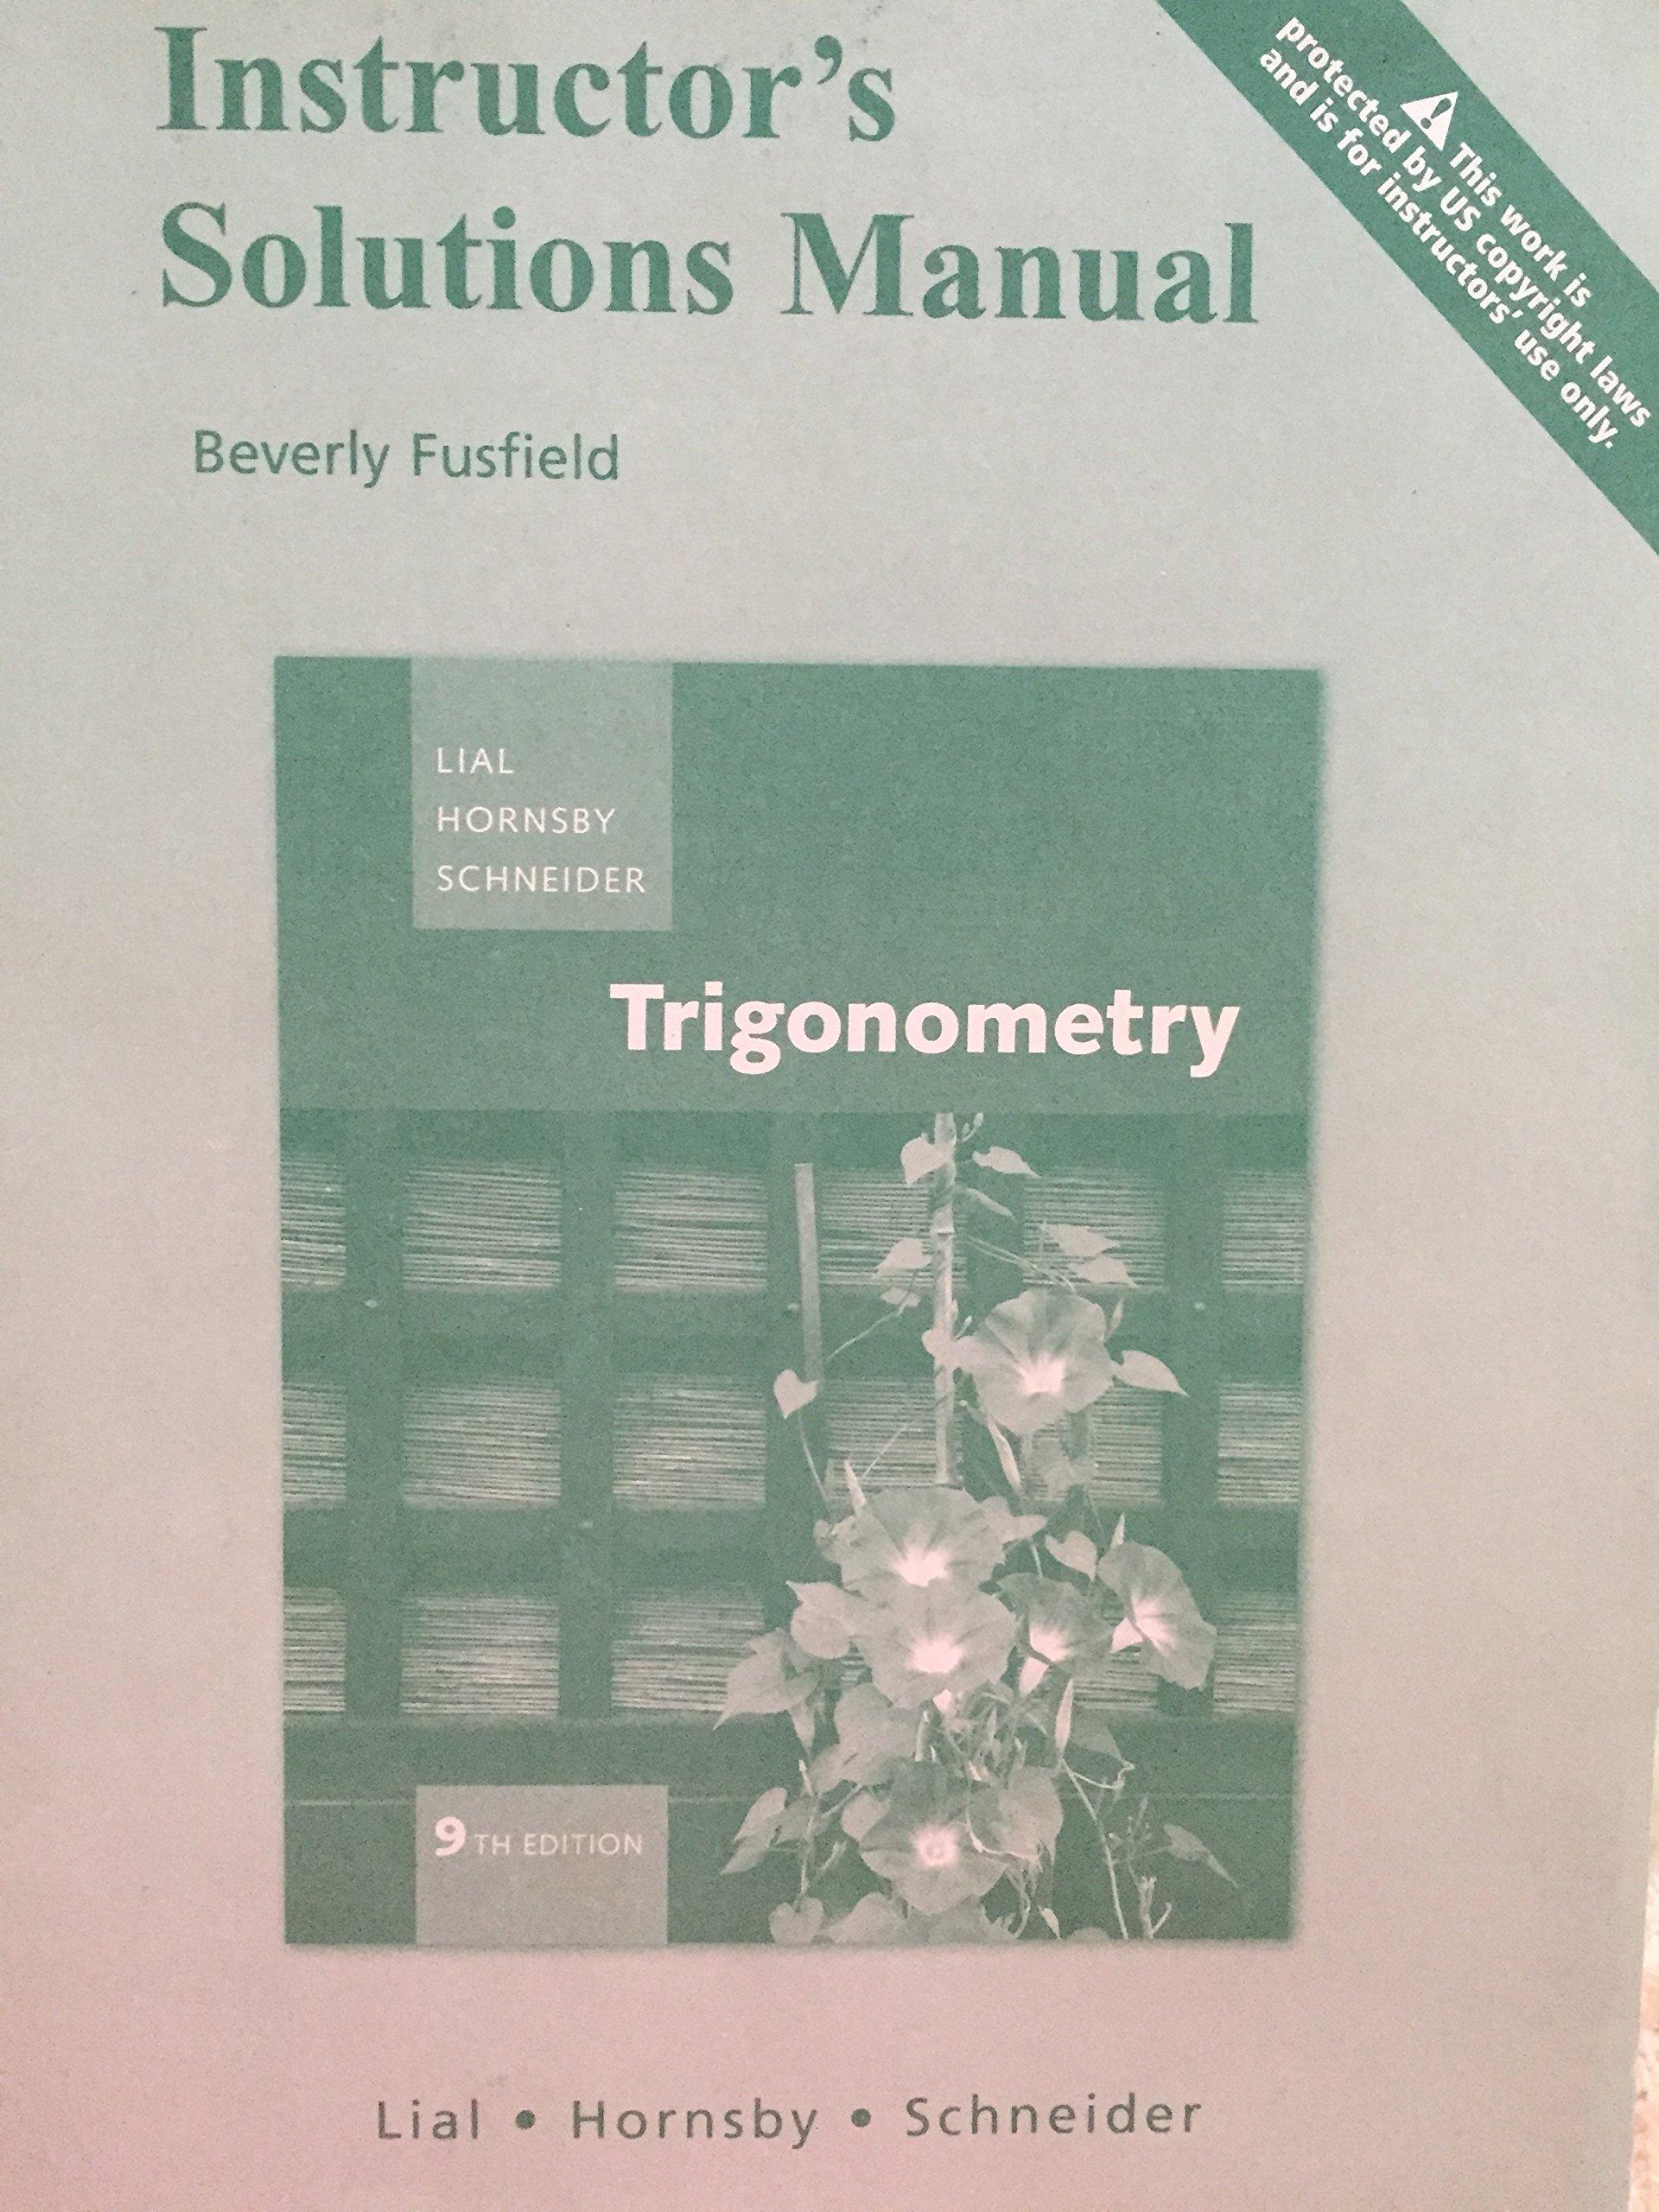 Instructor's Solutions Manual - Trigonometry: Lial/ Hornsby/ Schneider:  9780321530417: Amazon.com: Books